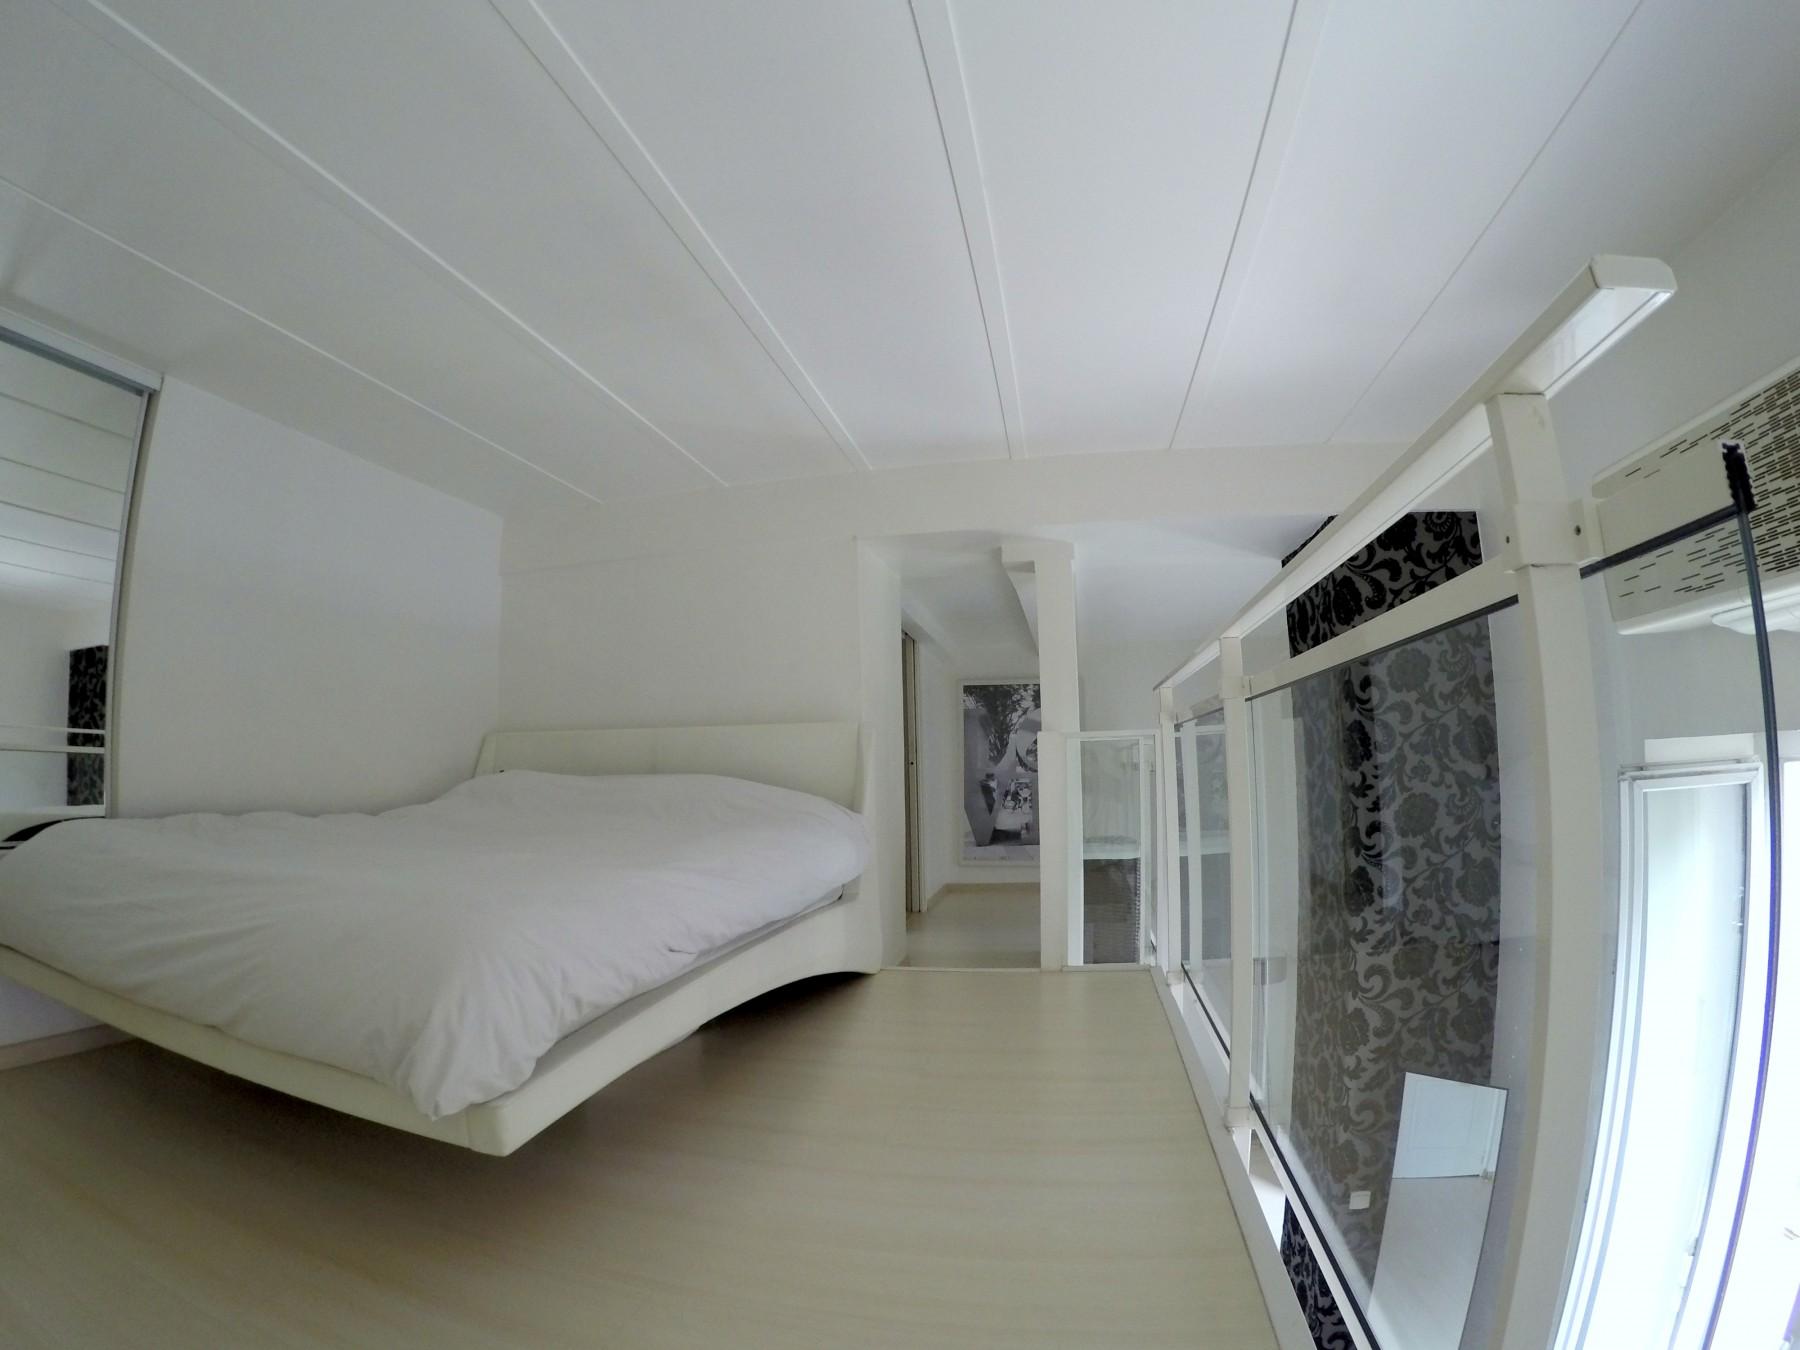 Appartements a nice love duplex loft carr d 39 or - C est quoi un appartement duplex ...